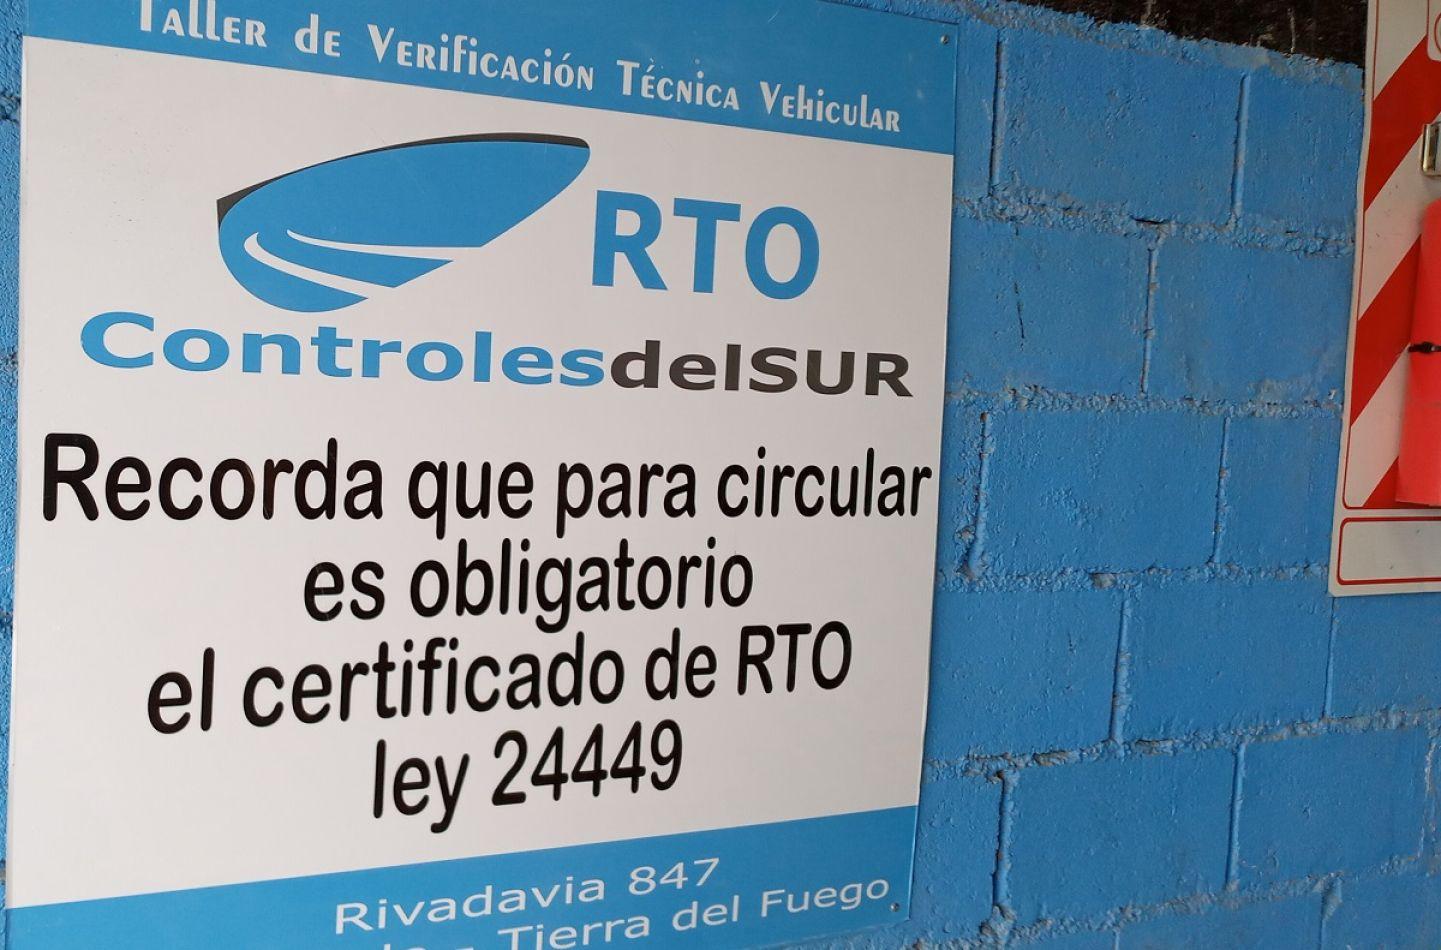 El Taller de RTO de calle Rivadavia 847 atiende por orden de llegada y en horario corrido desde las 08:00 a 17:00.